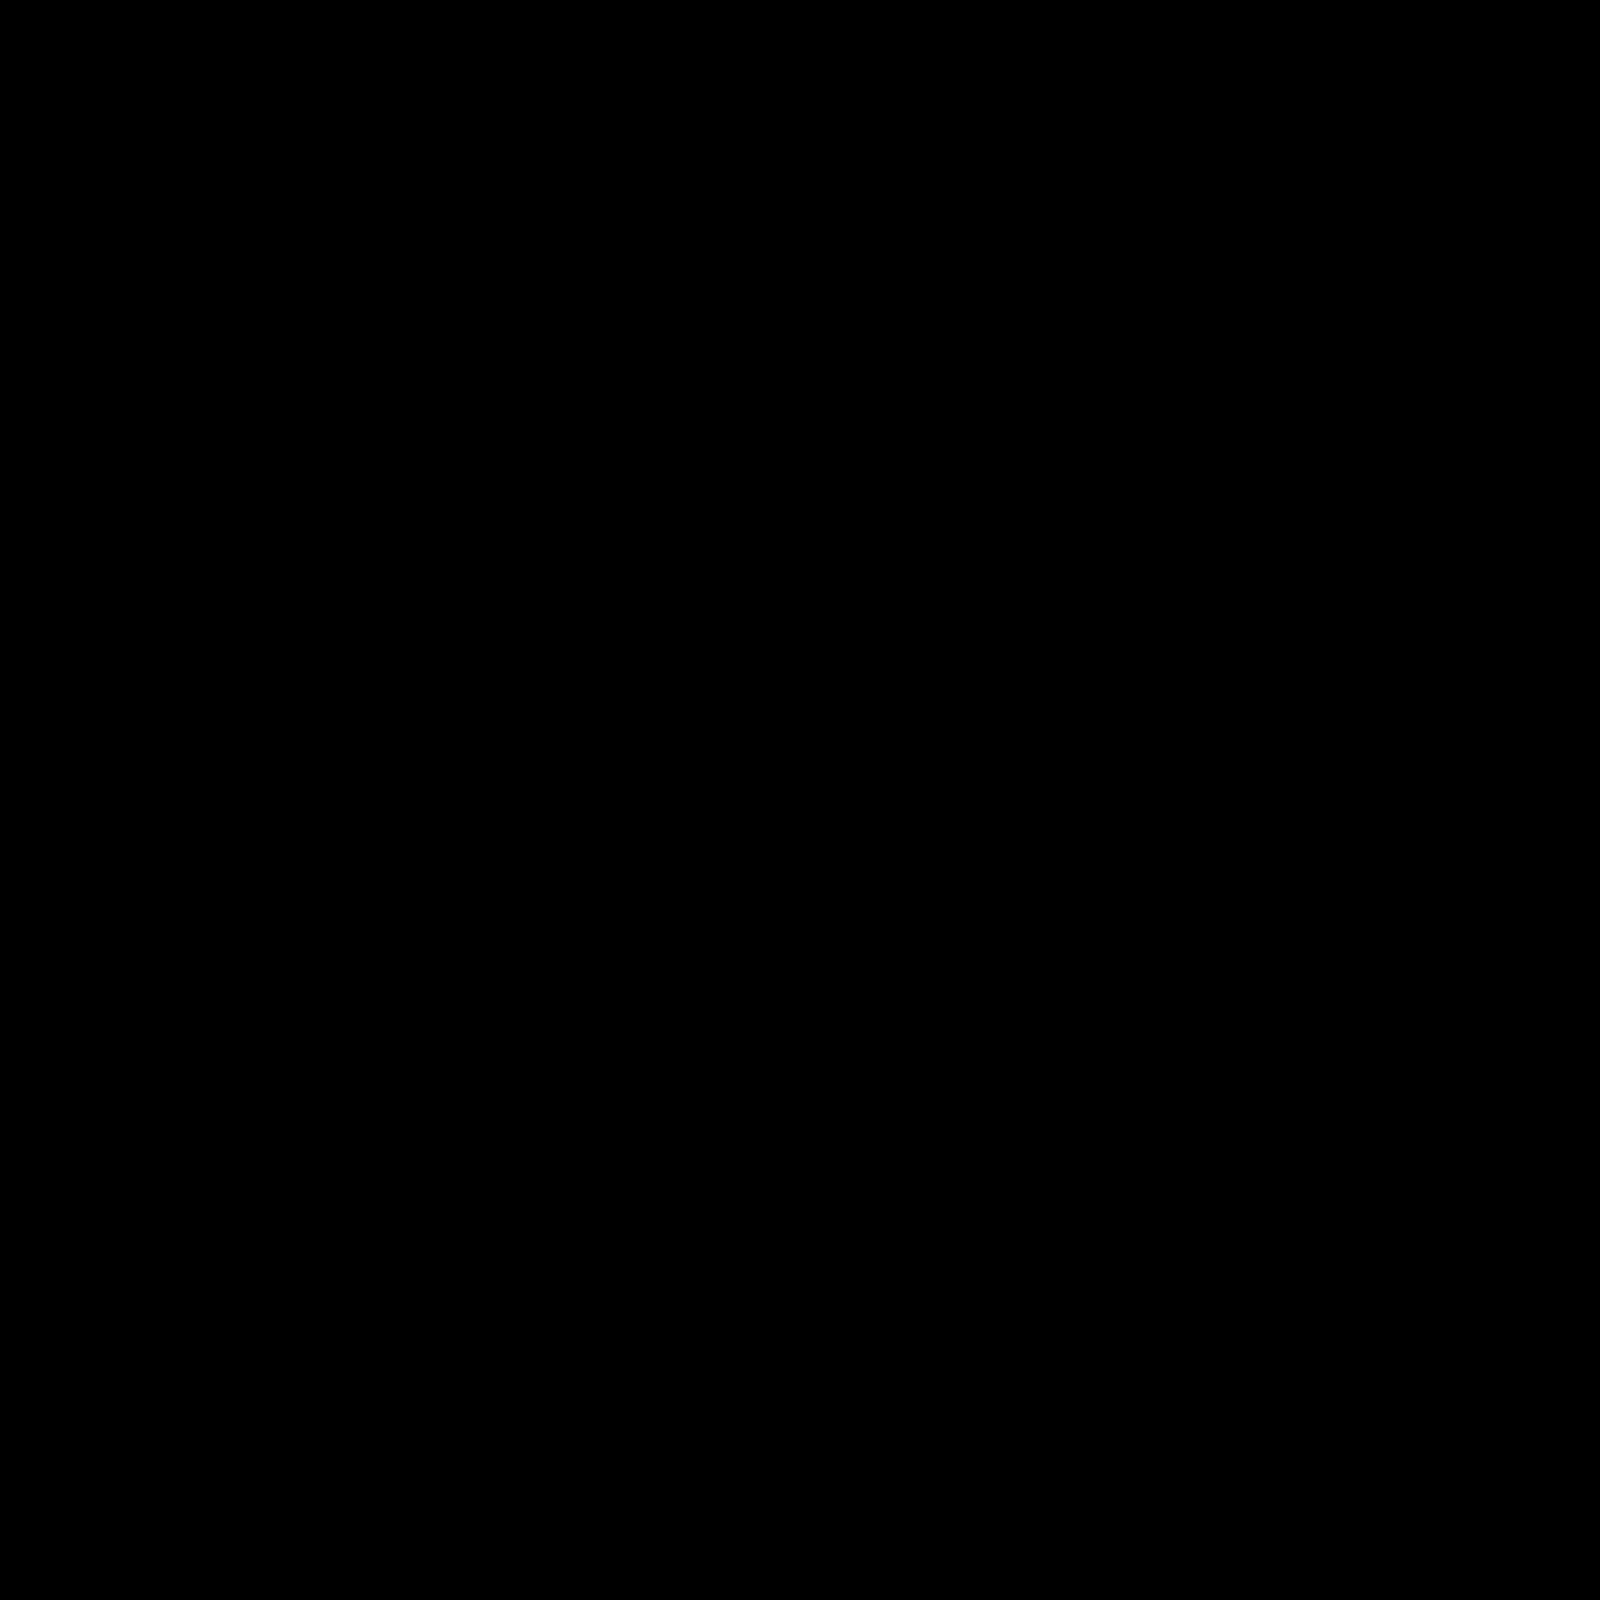 基督救世主大教堂 icon